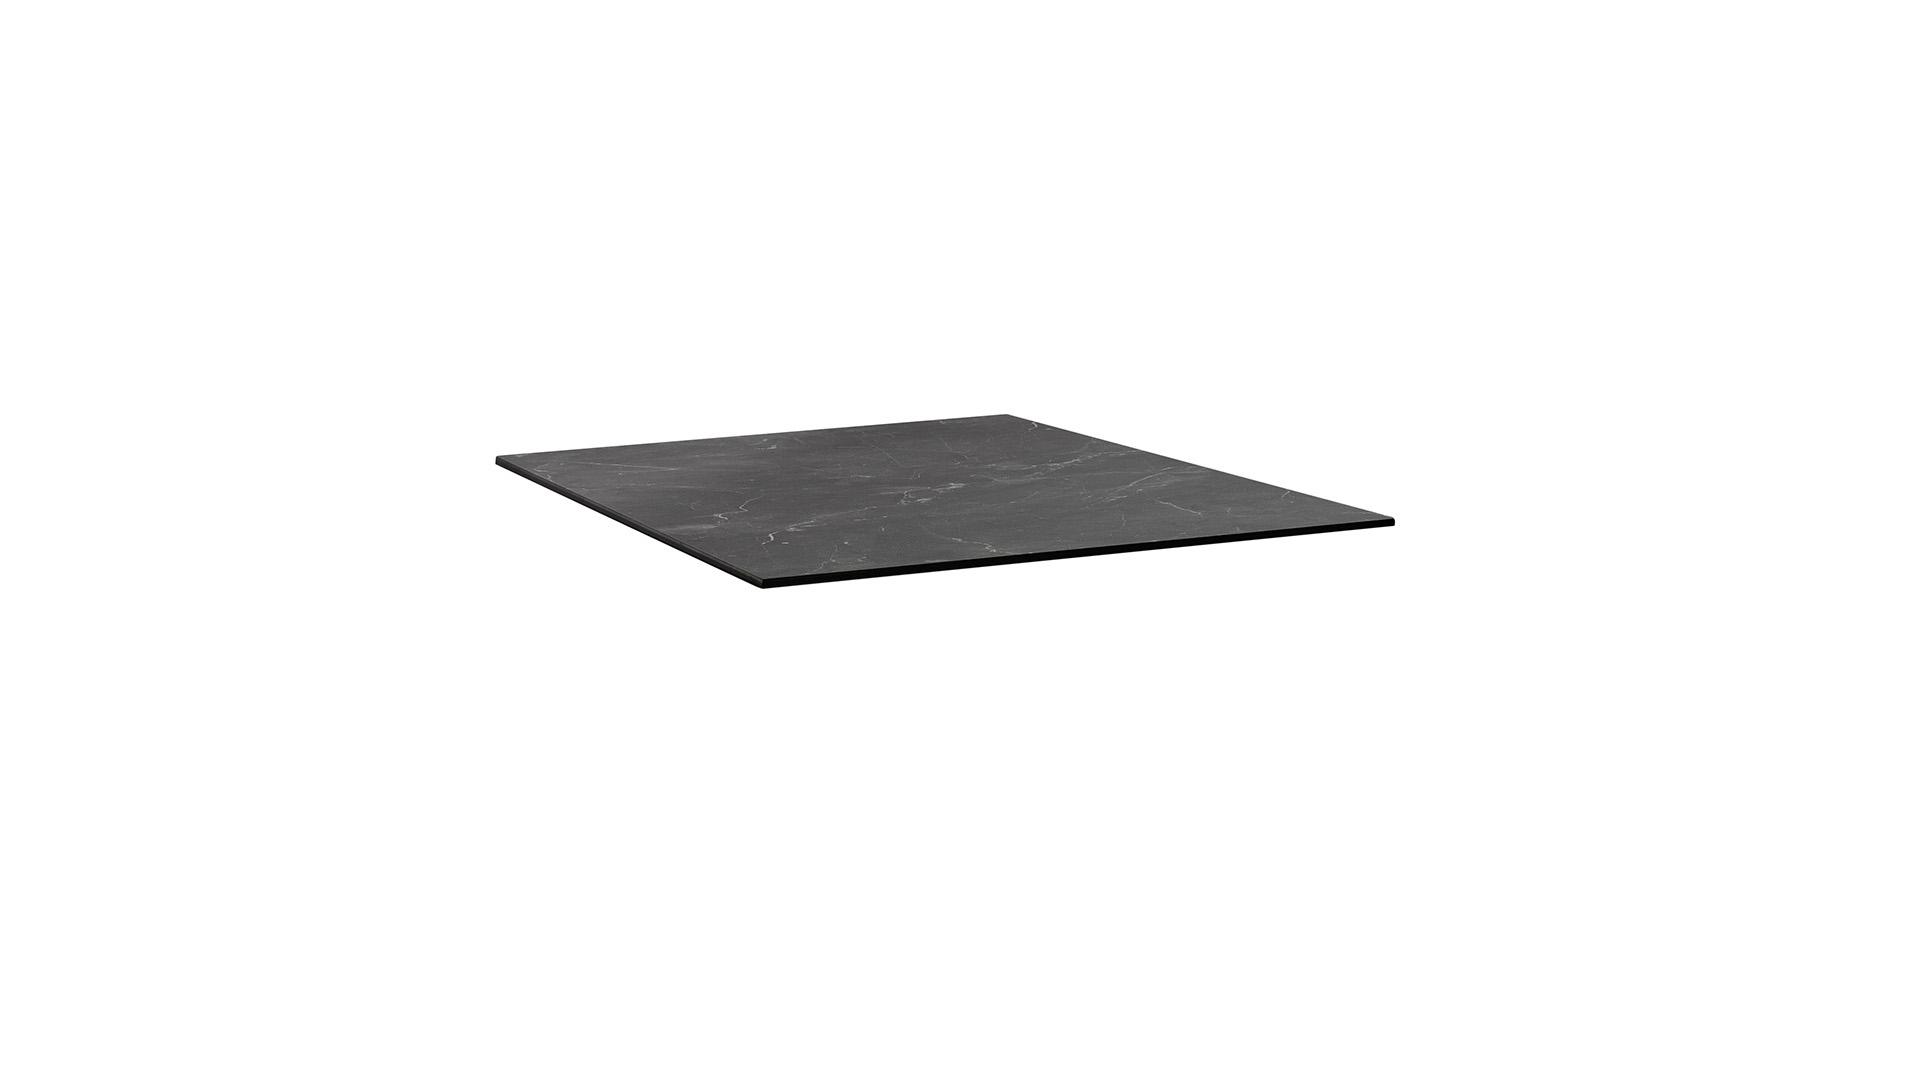 HPL Tischplatte 95 x 95 x 1,3 cm, Wing-Profil